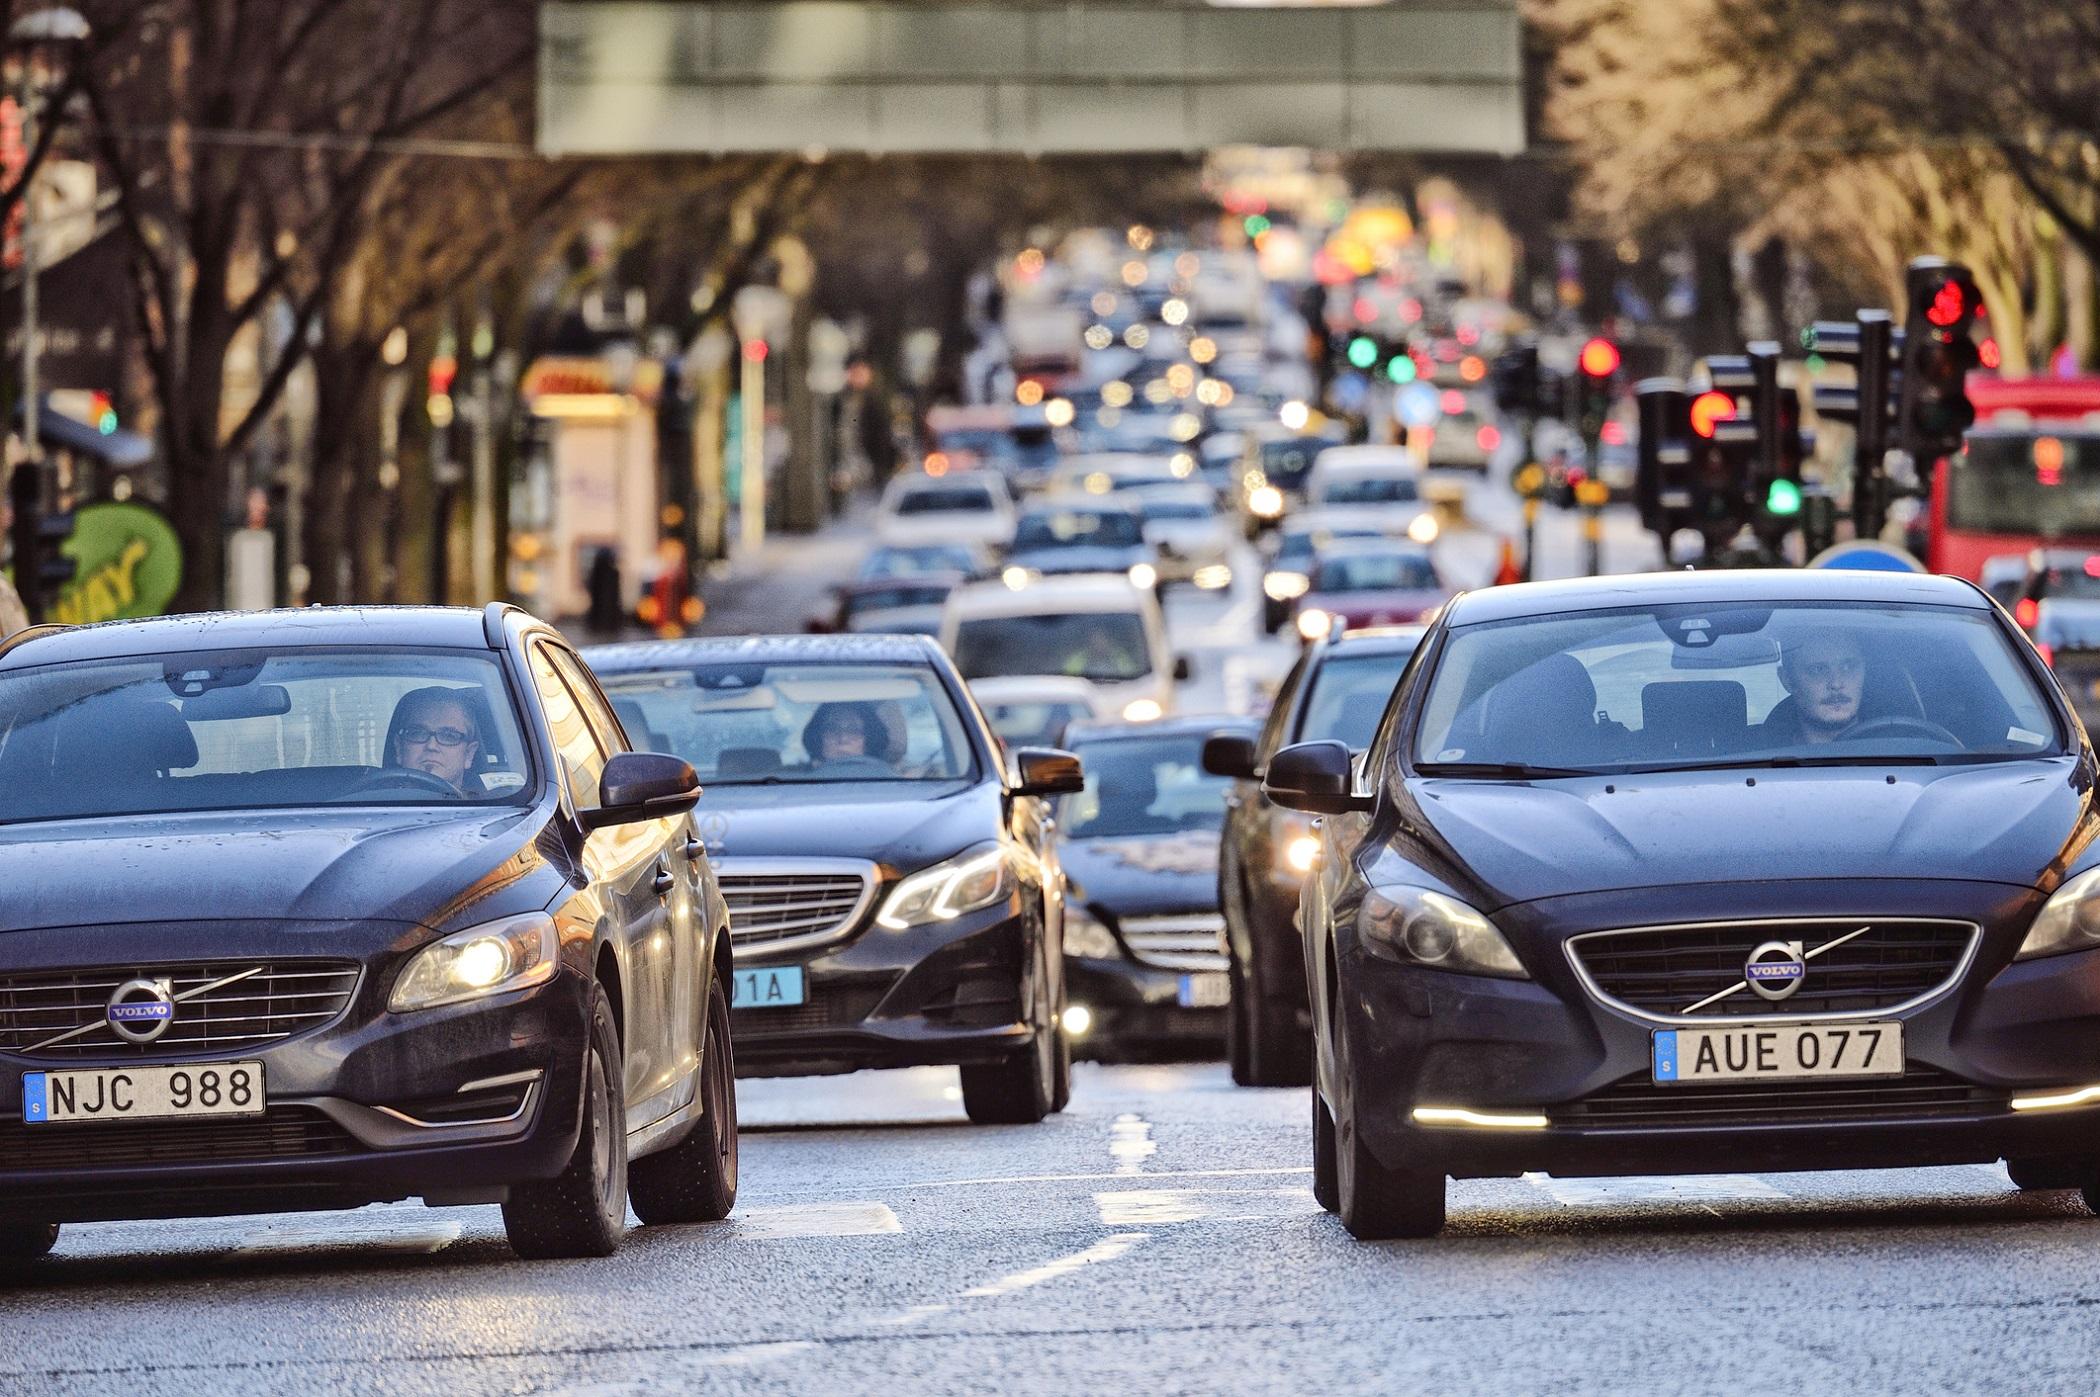 Bilmarkedet i Norge